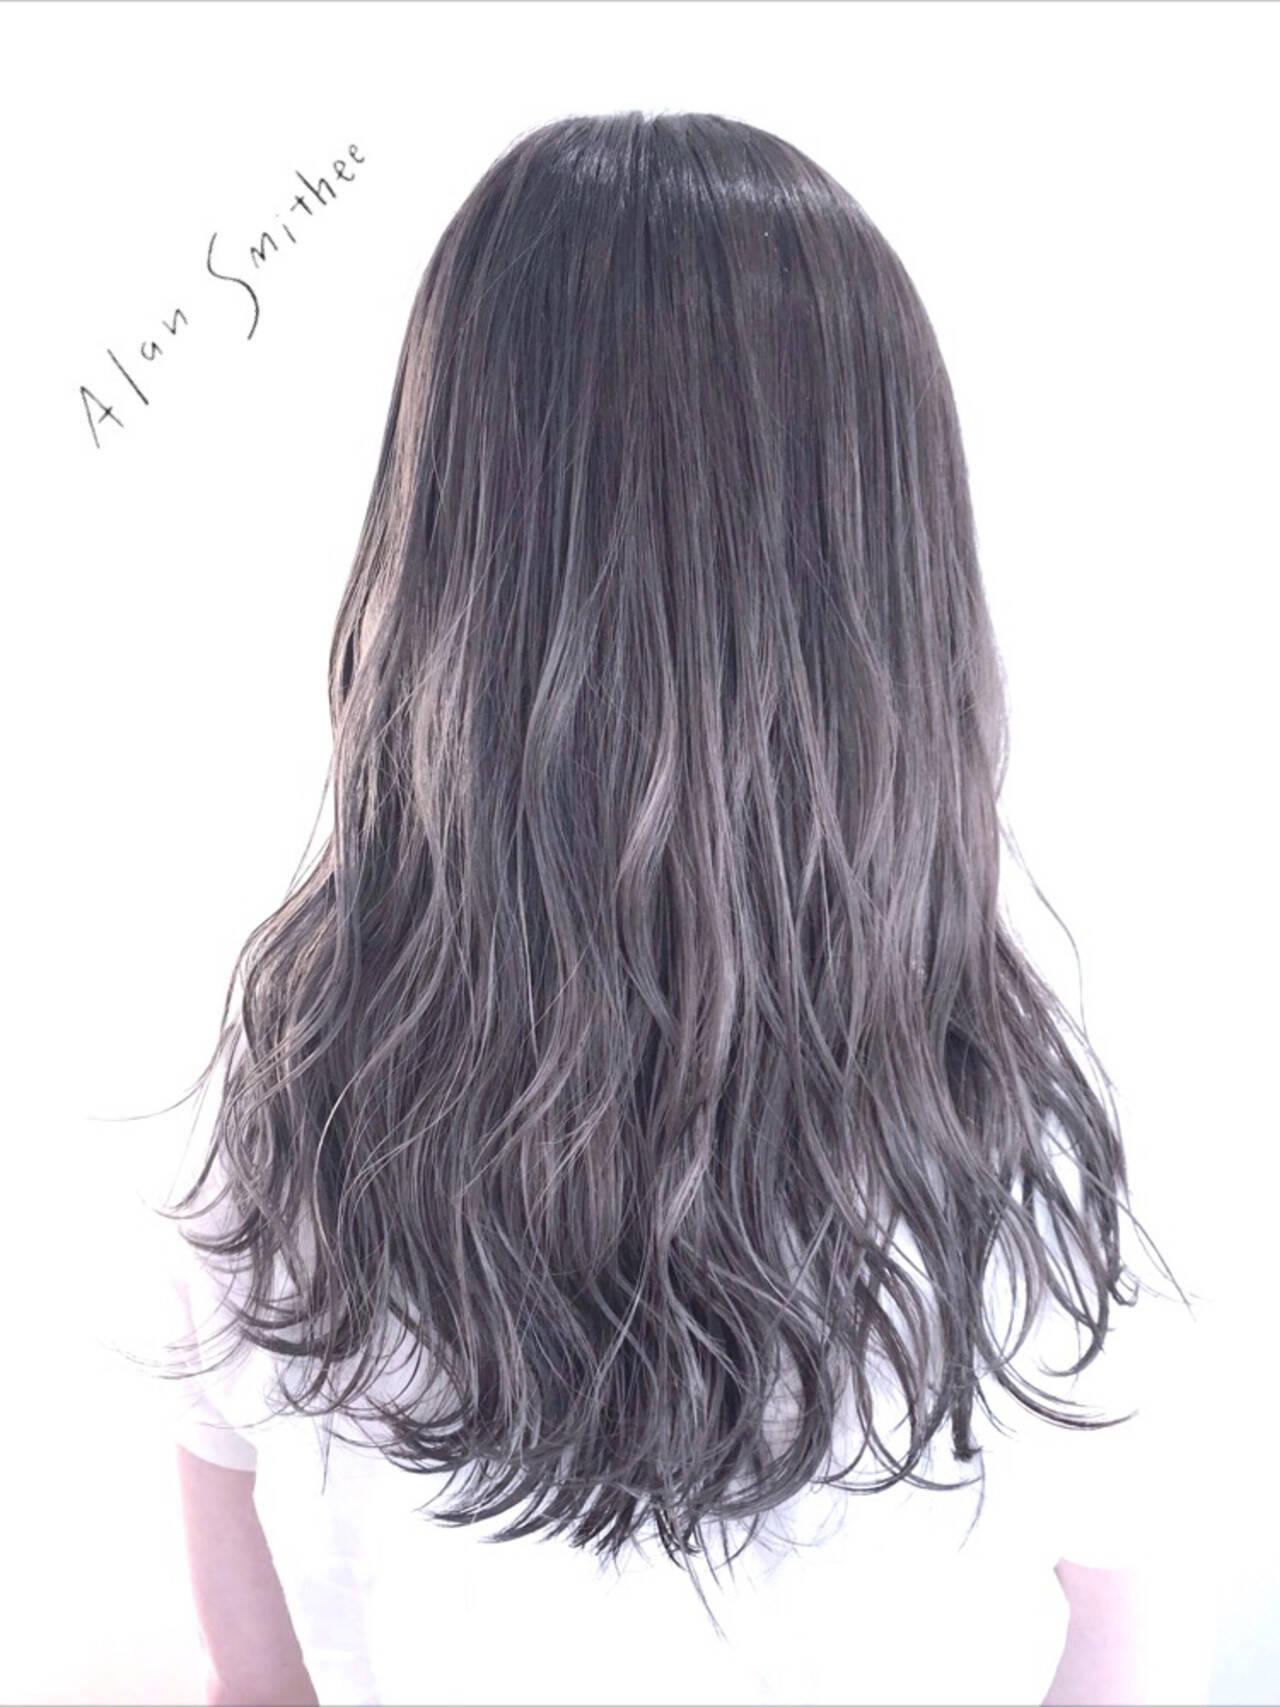 シルバーアッシュ アッシュグレージュ ロング アッシュグレーヘアスタイルや髪型の写真・画像